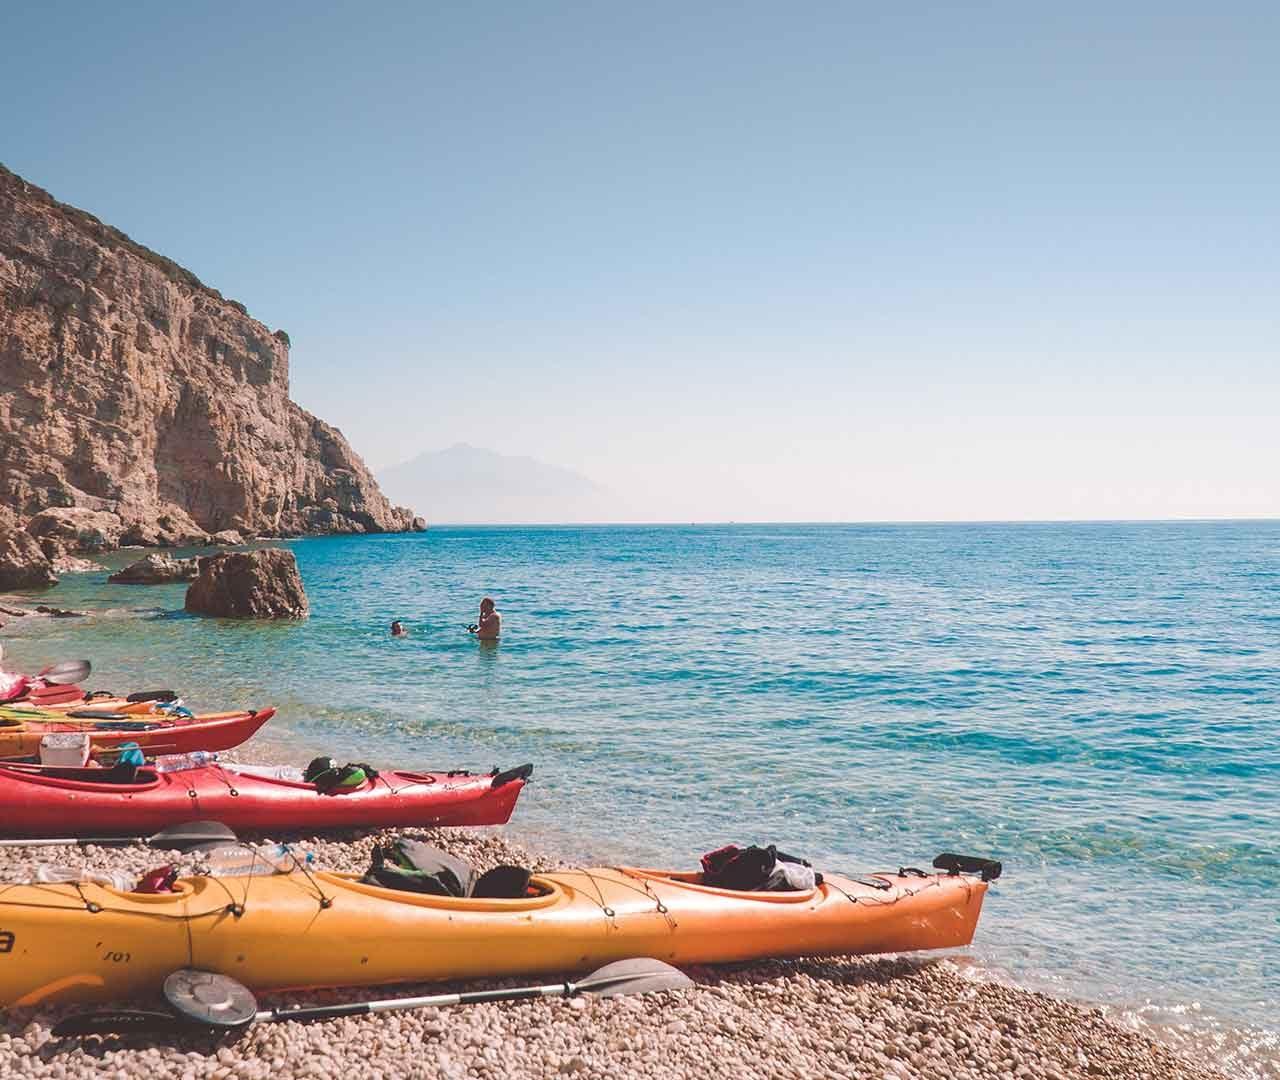 seaward-noleggio-kayak-triposto